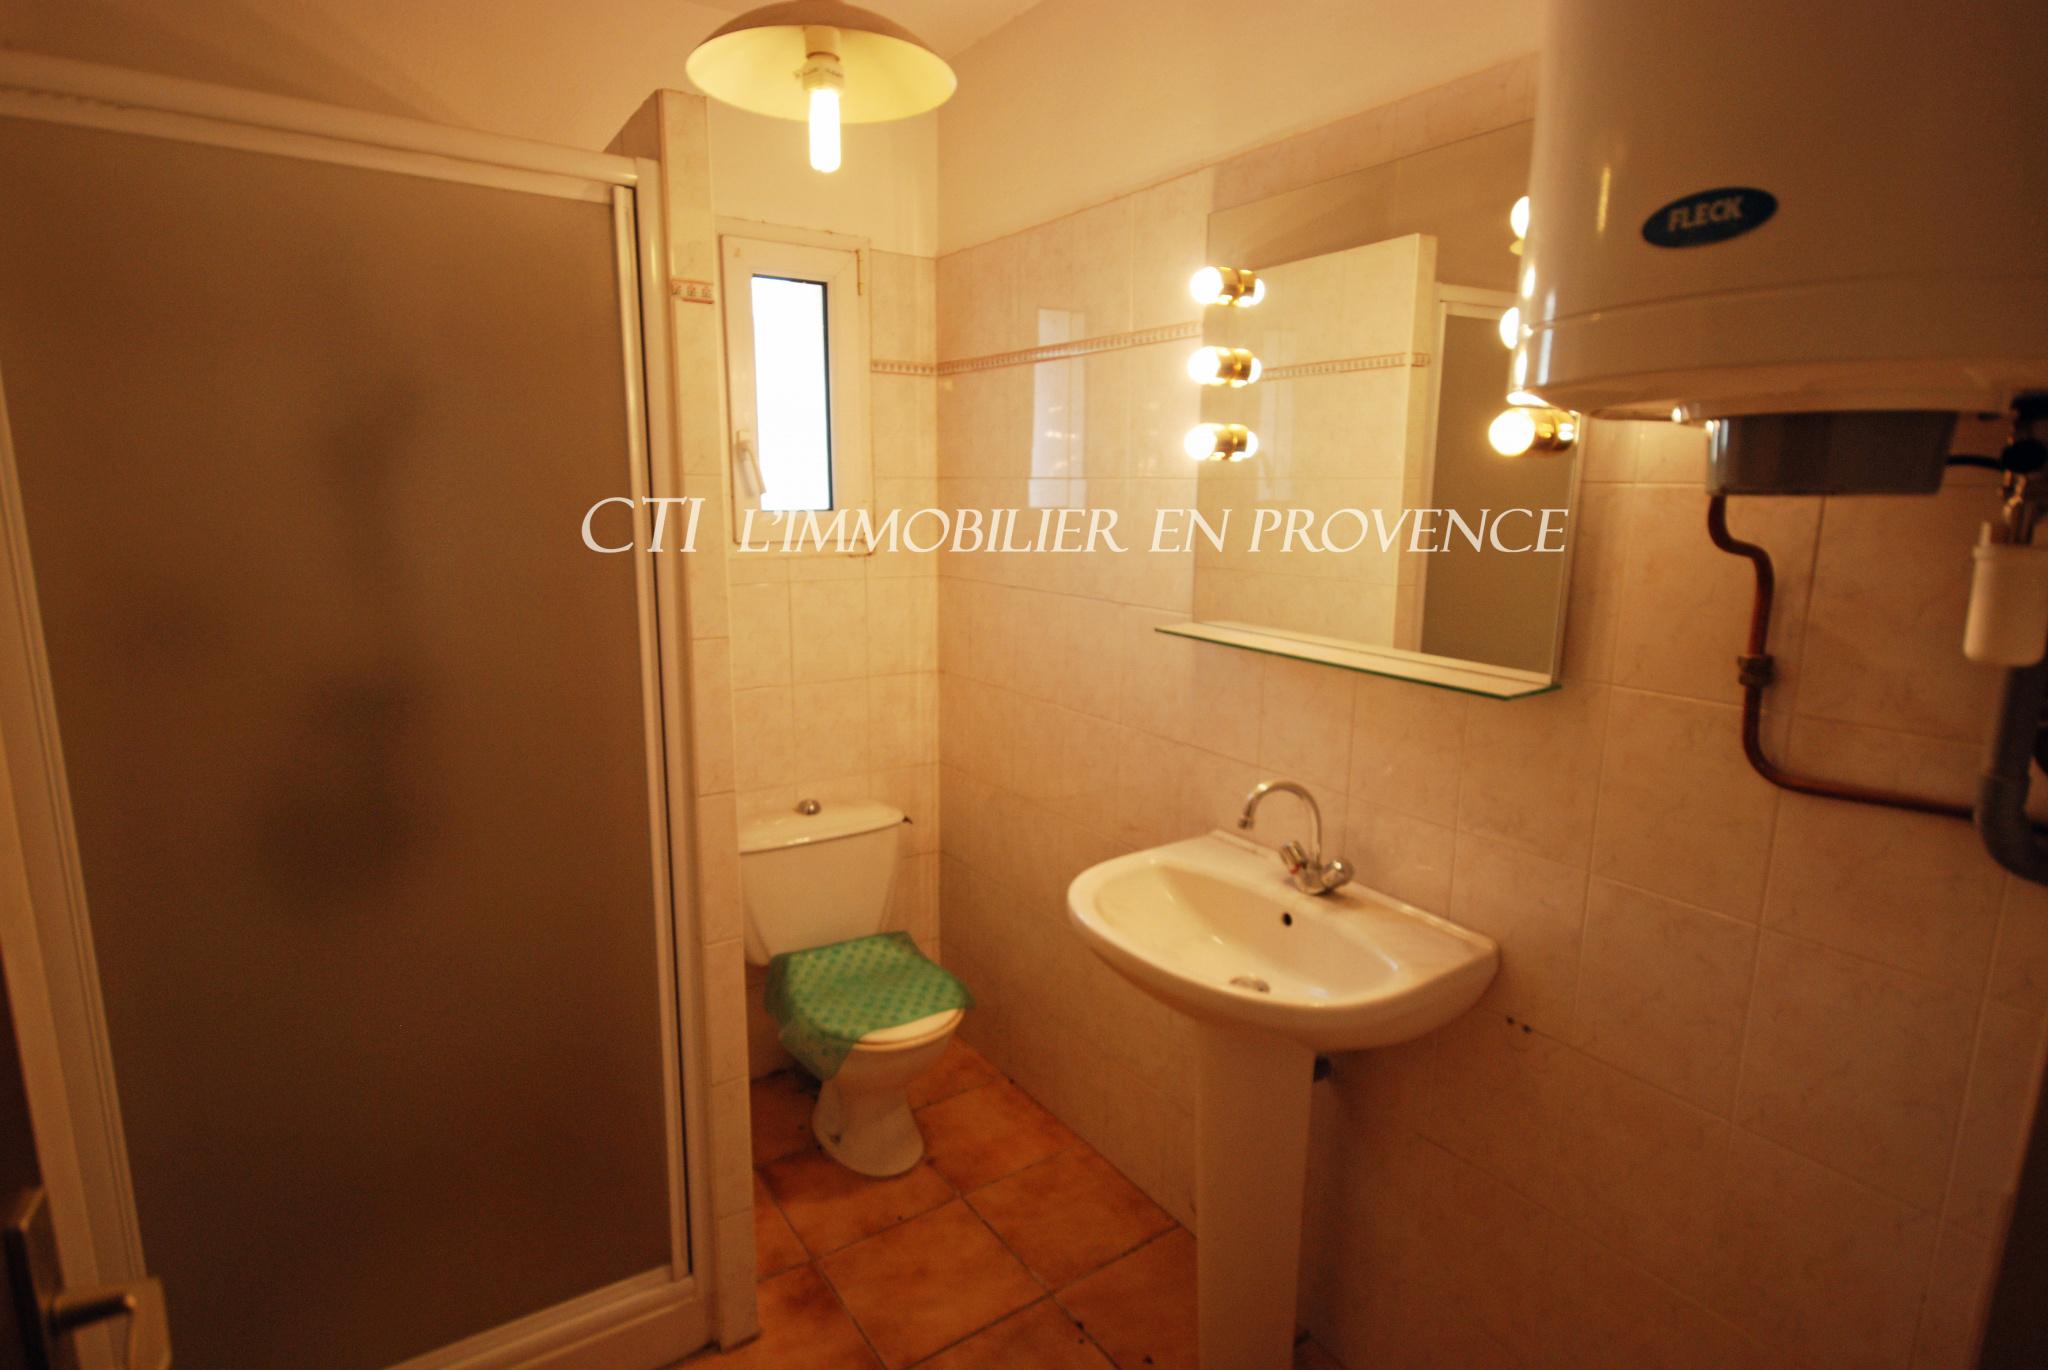 Centre ville Vaison-la-Romaine Appartement T2 à vendre chez www.cti-provence.net